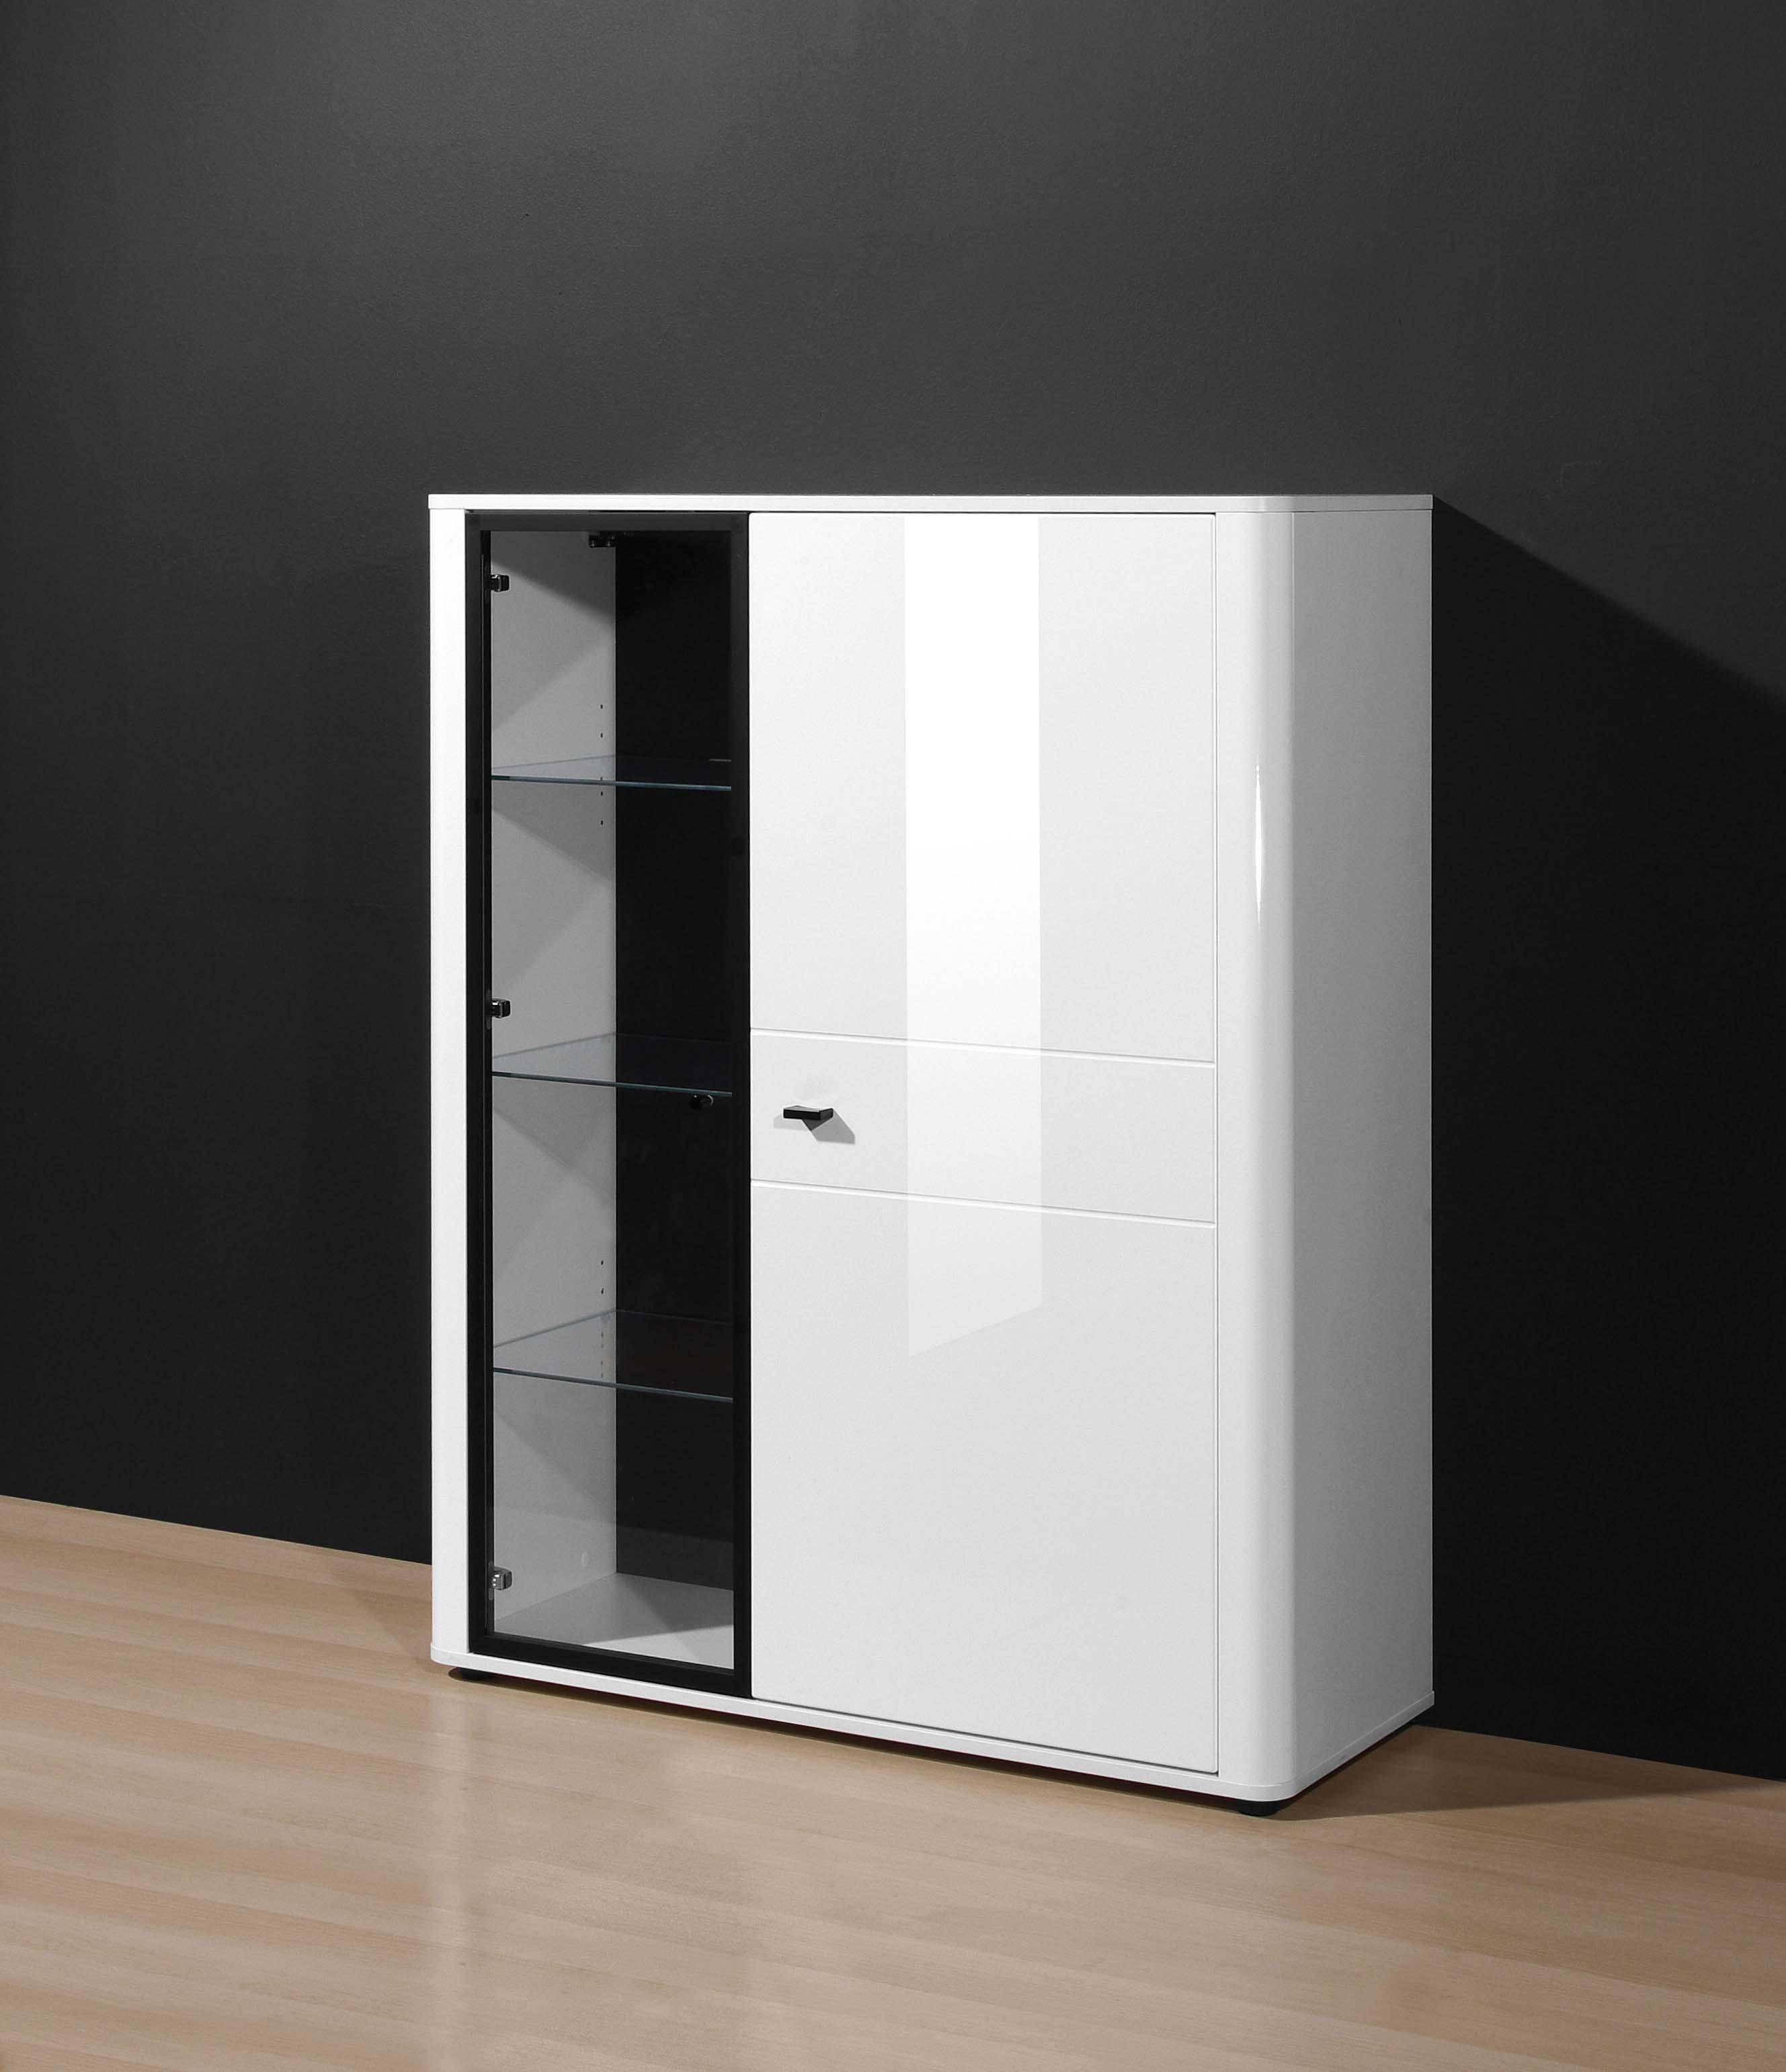 stand h ngevitrine mod v750 weiss hochglanz h c m bel. Black Bedroom Furniture Sets. Home Design Ideas